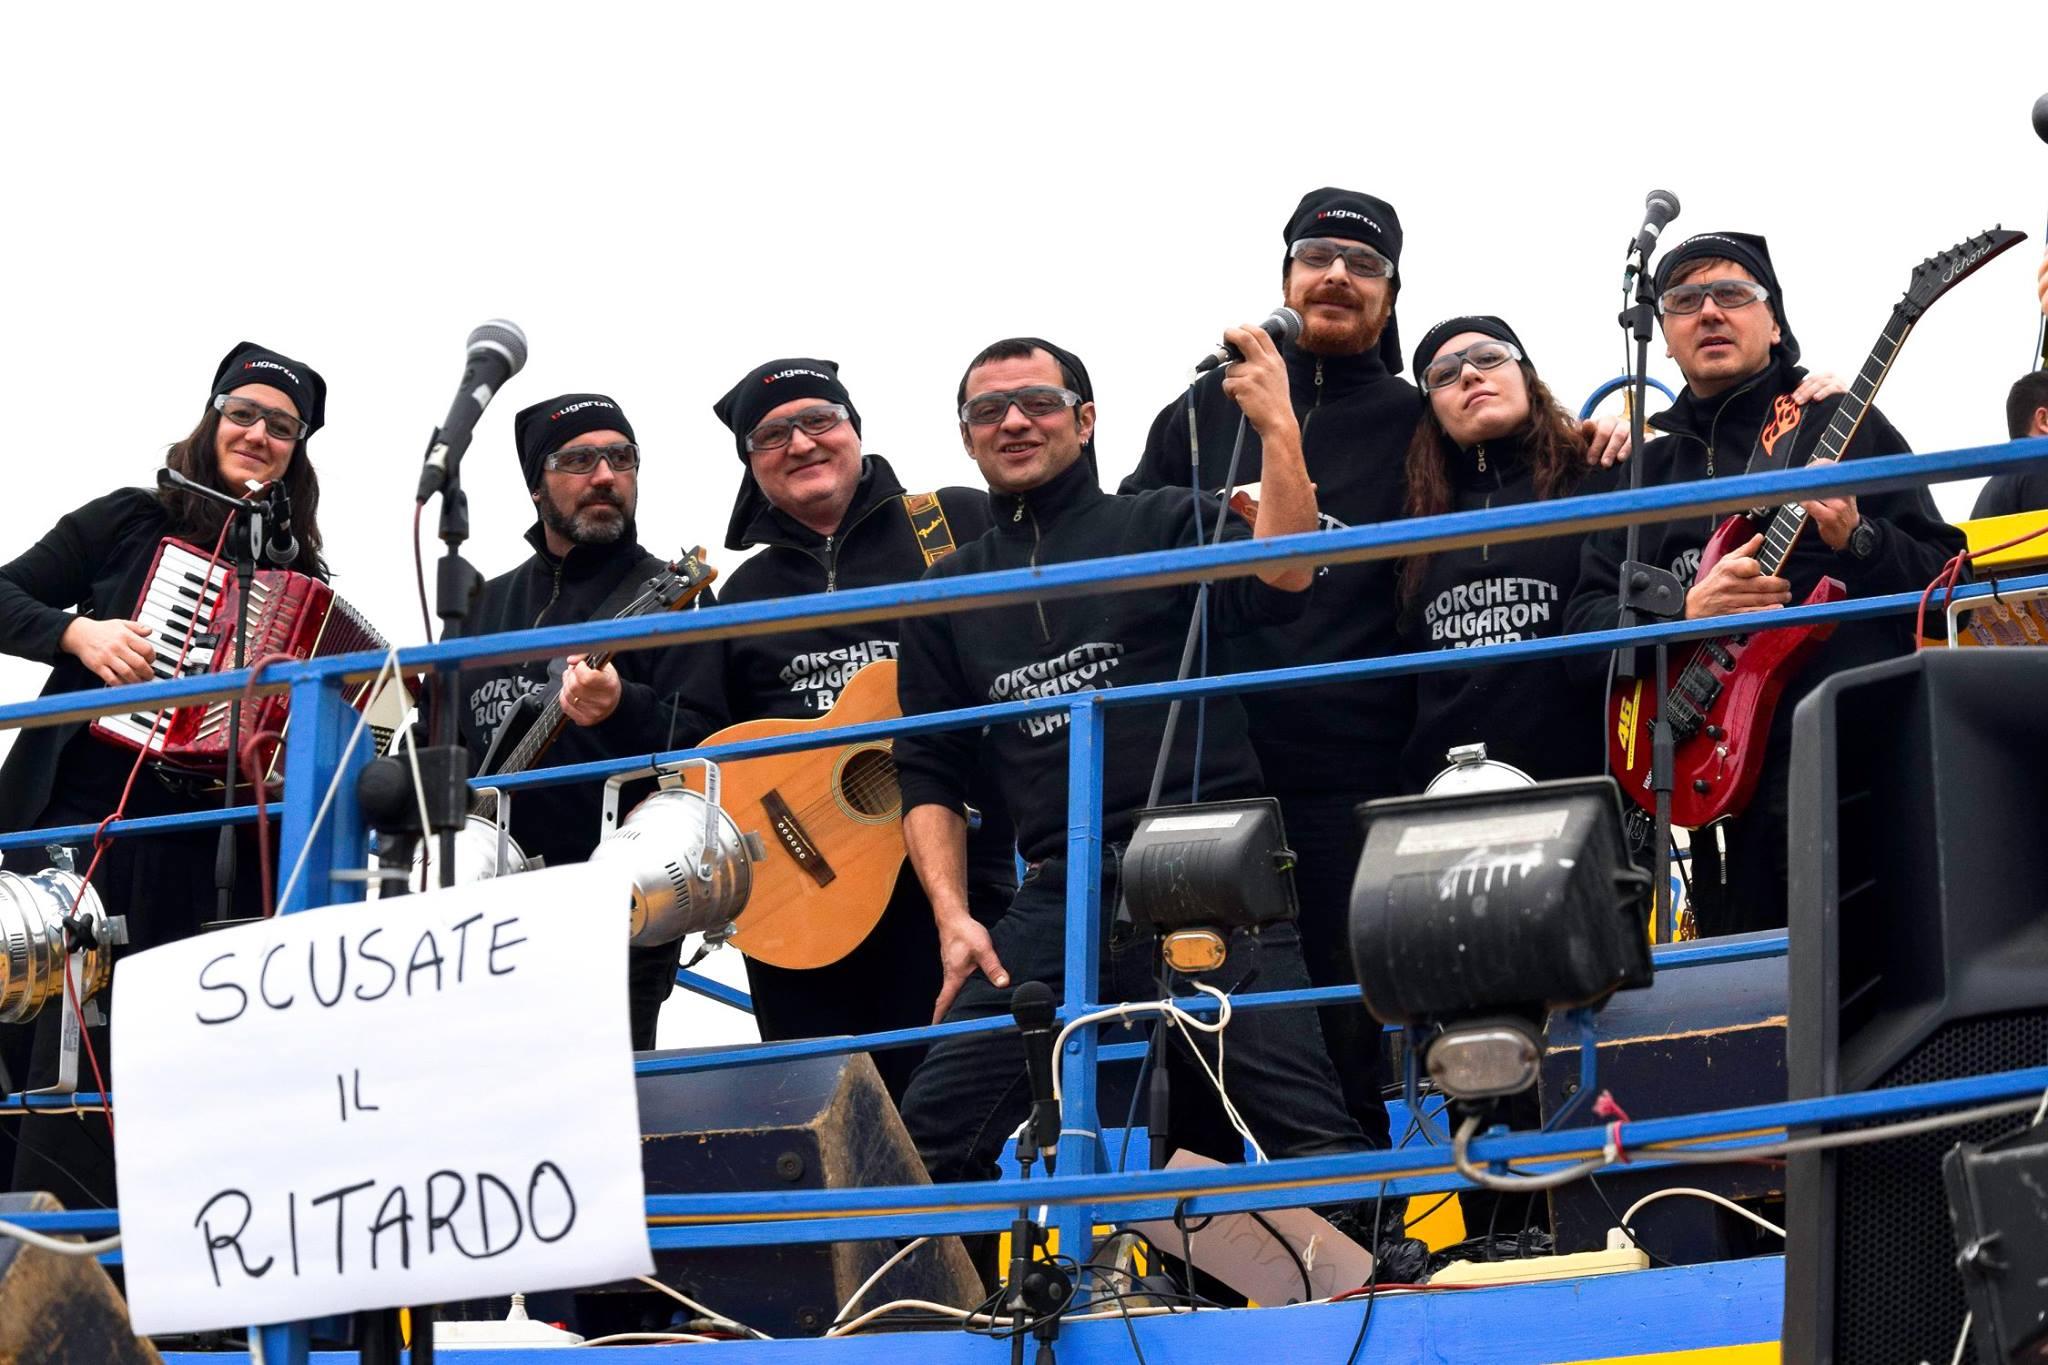 Avanti e Indrè - Borghetti Bugaron Band